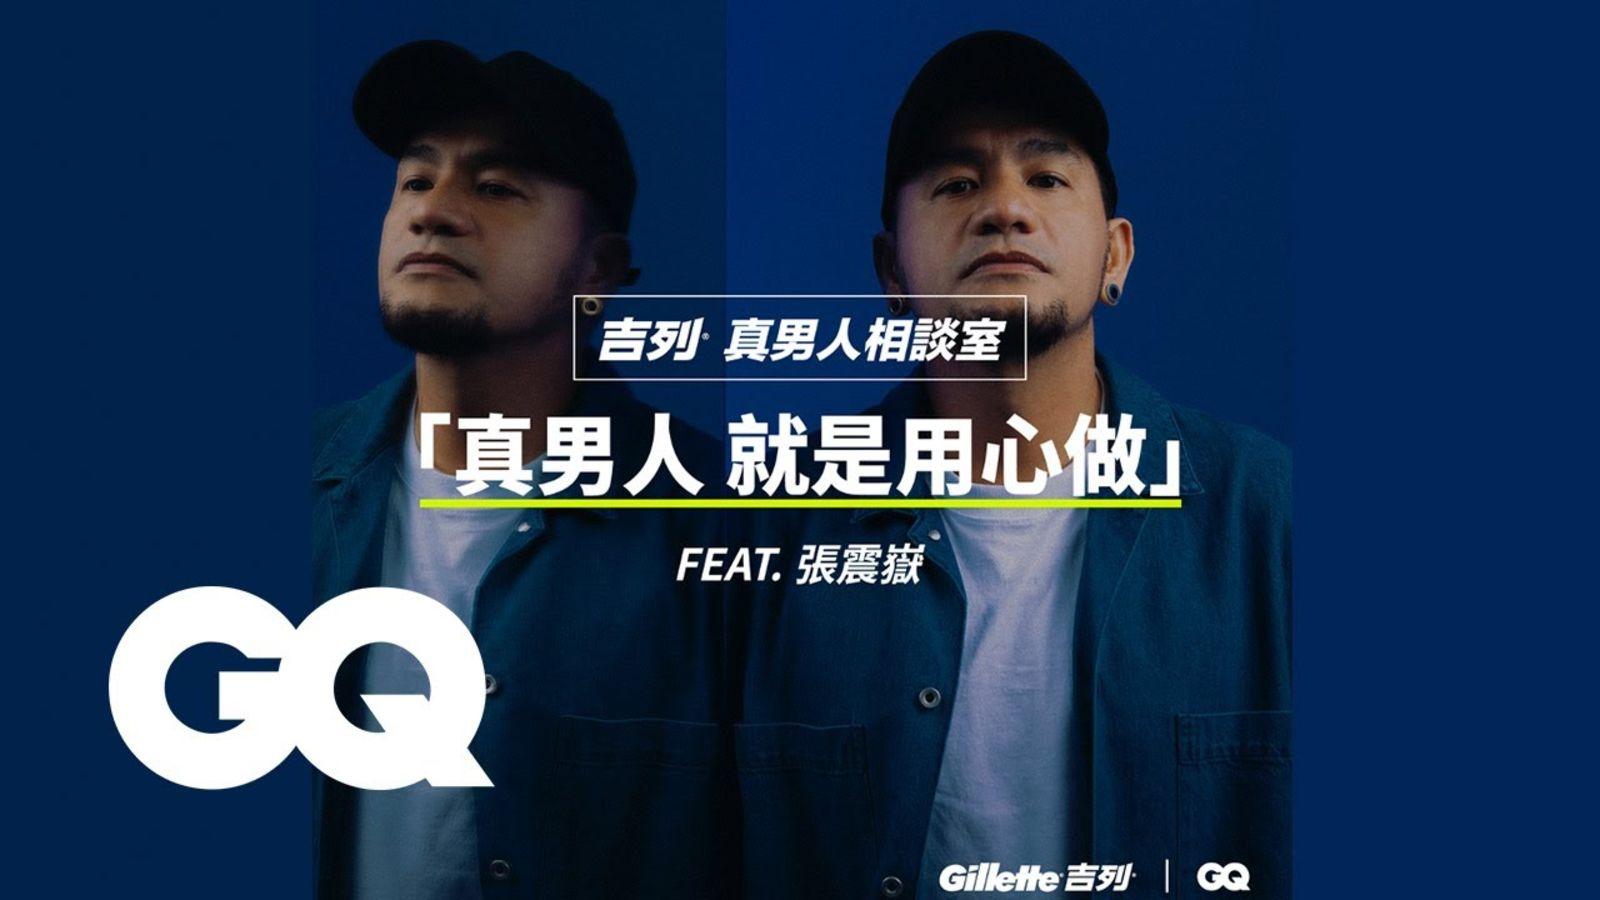 【吉列真男人相談室 feat.張震嶽】『真男人 就是用心做!』